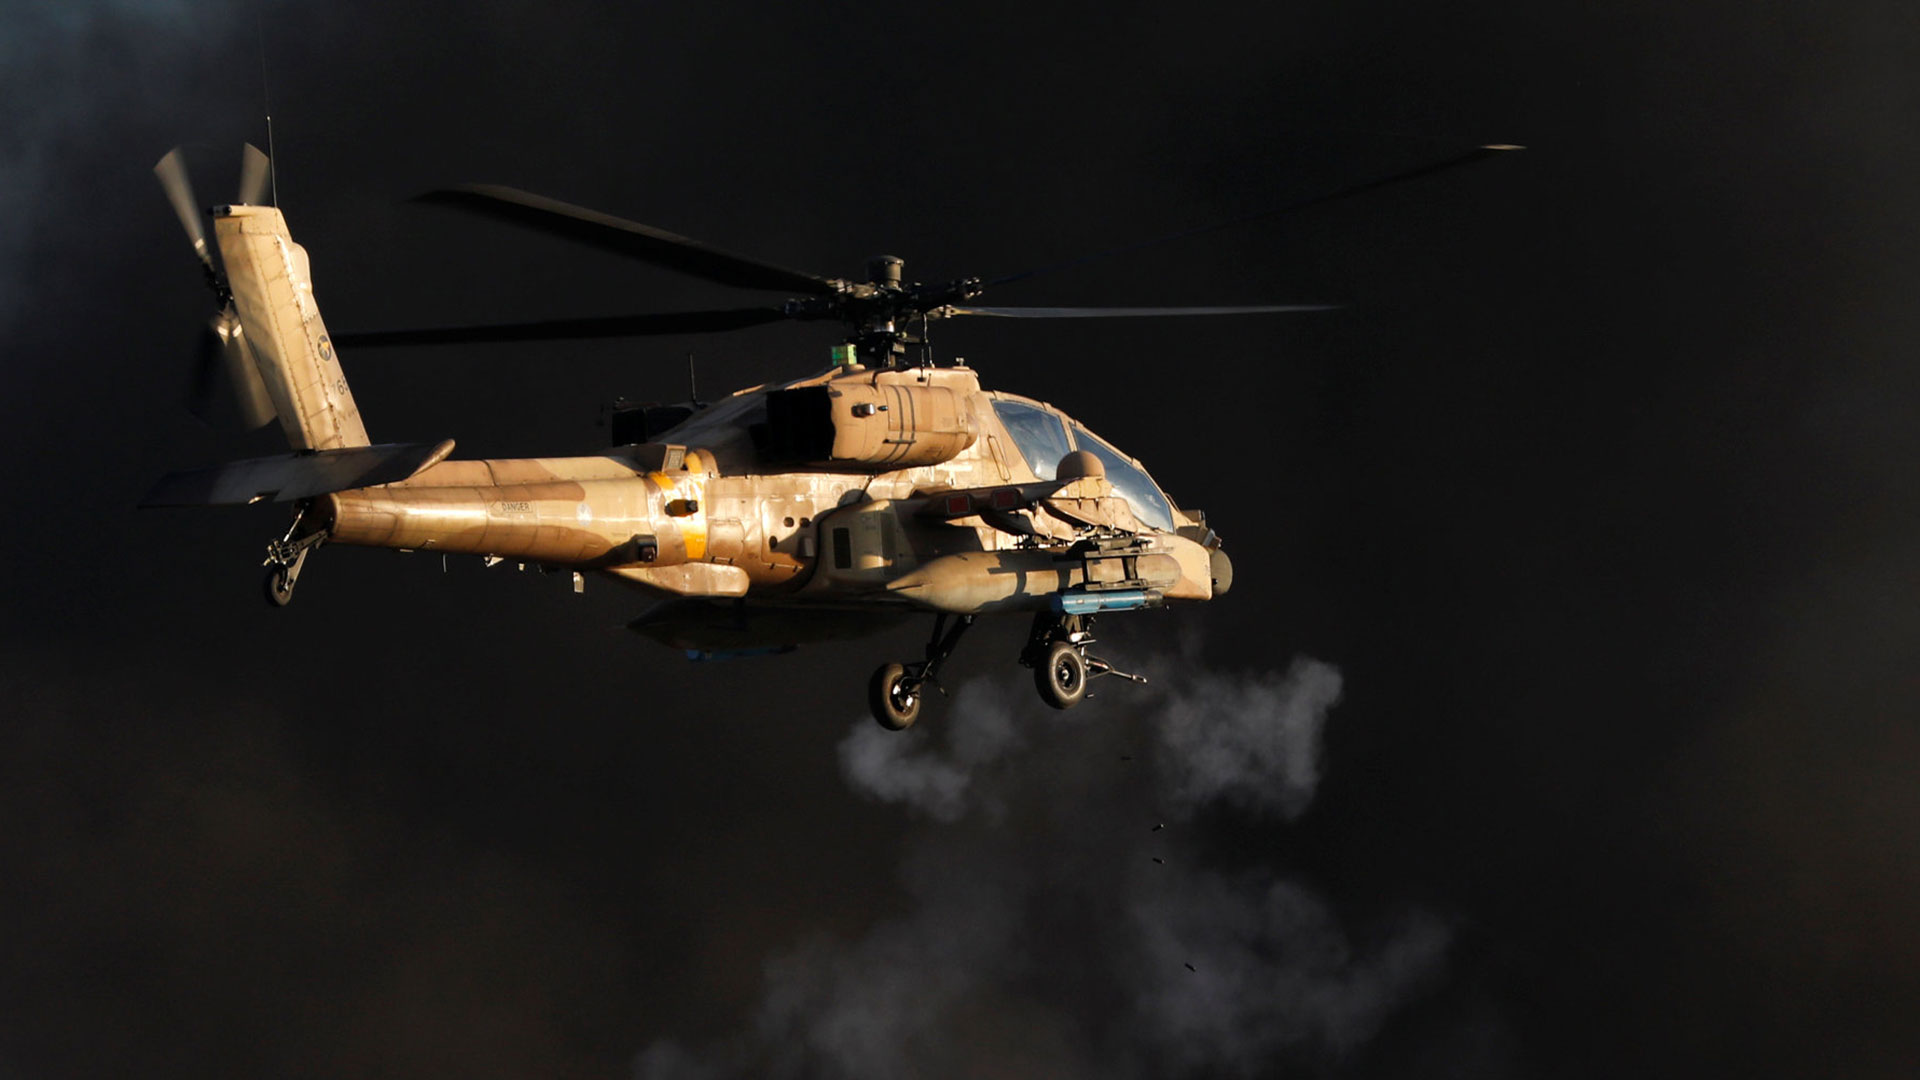 Un helicóptero de ataque Boeing A6H-64 Apache (Reuters)